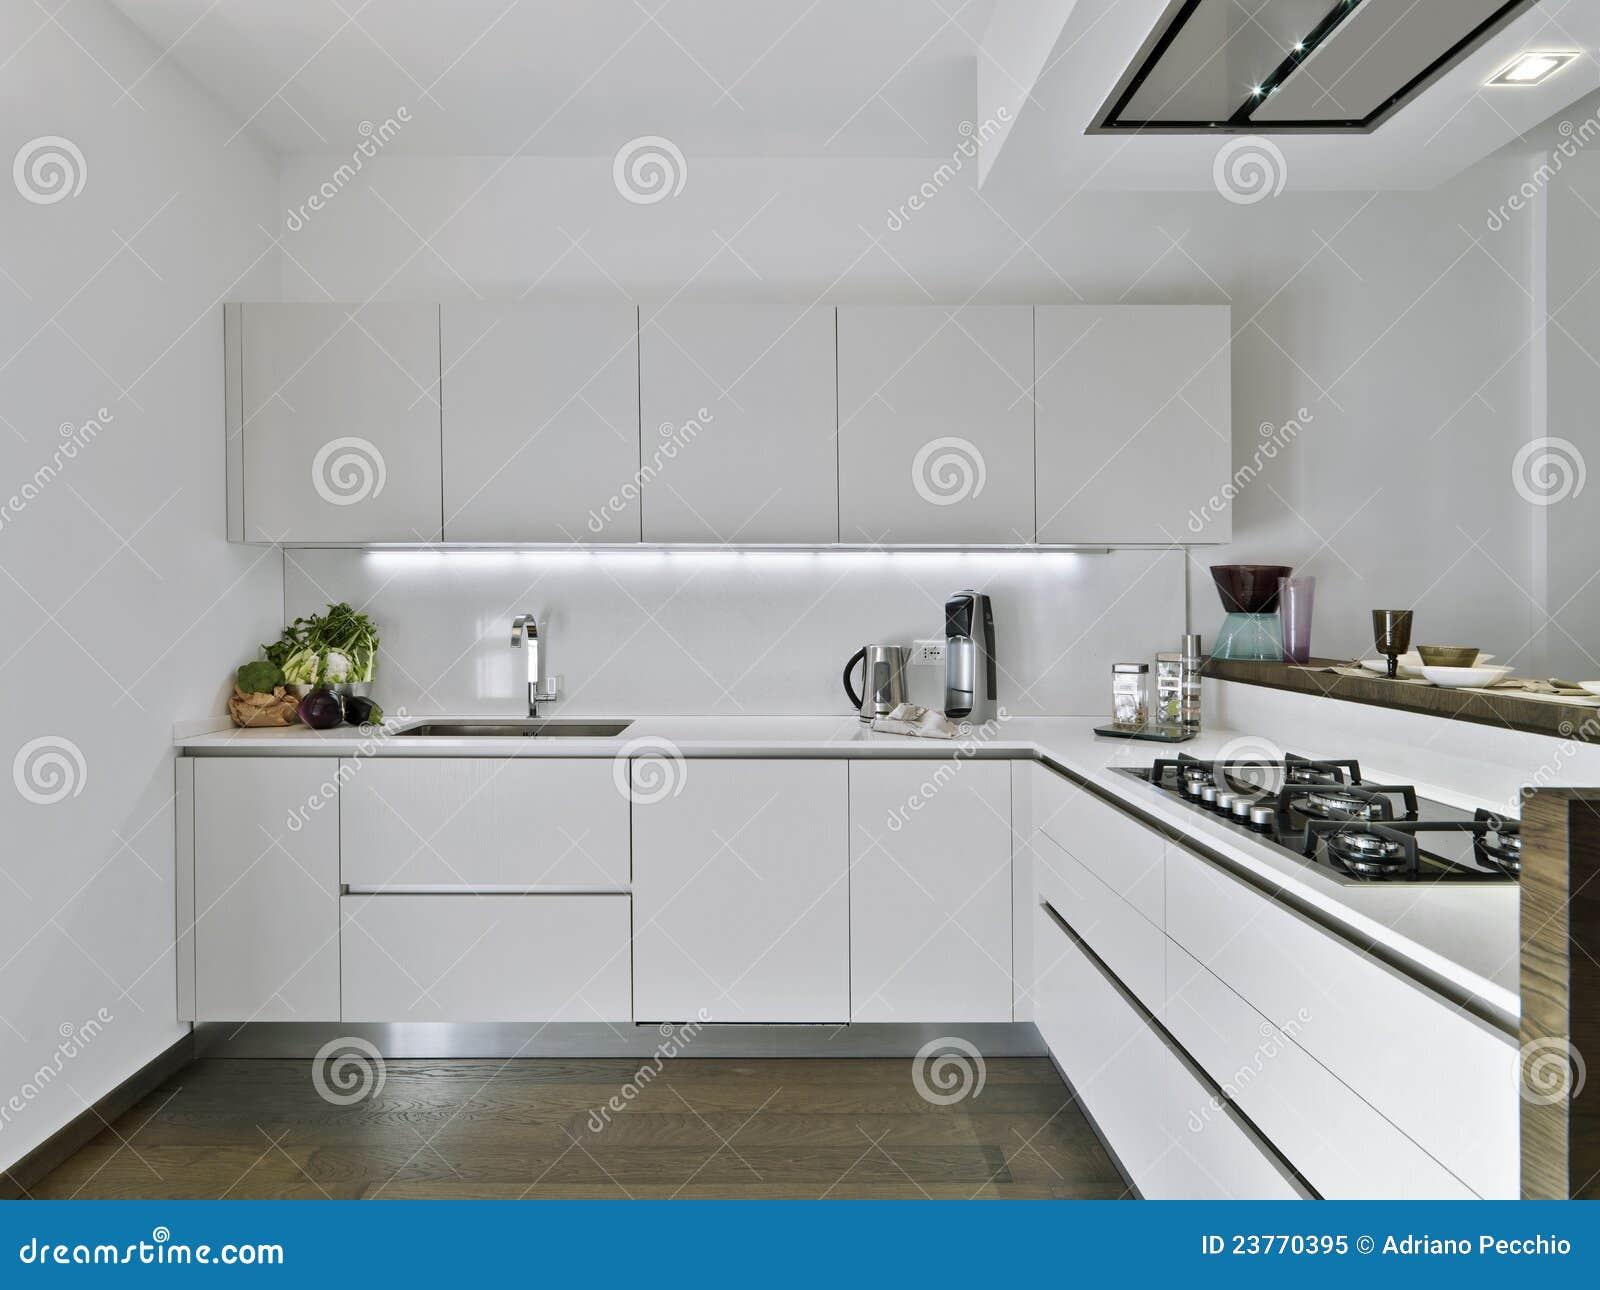 Cozinha Branca Moderna Imagem De Stock Imagem De Parquet 23770395